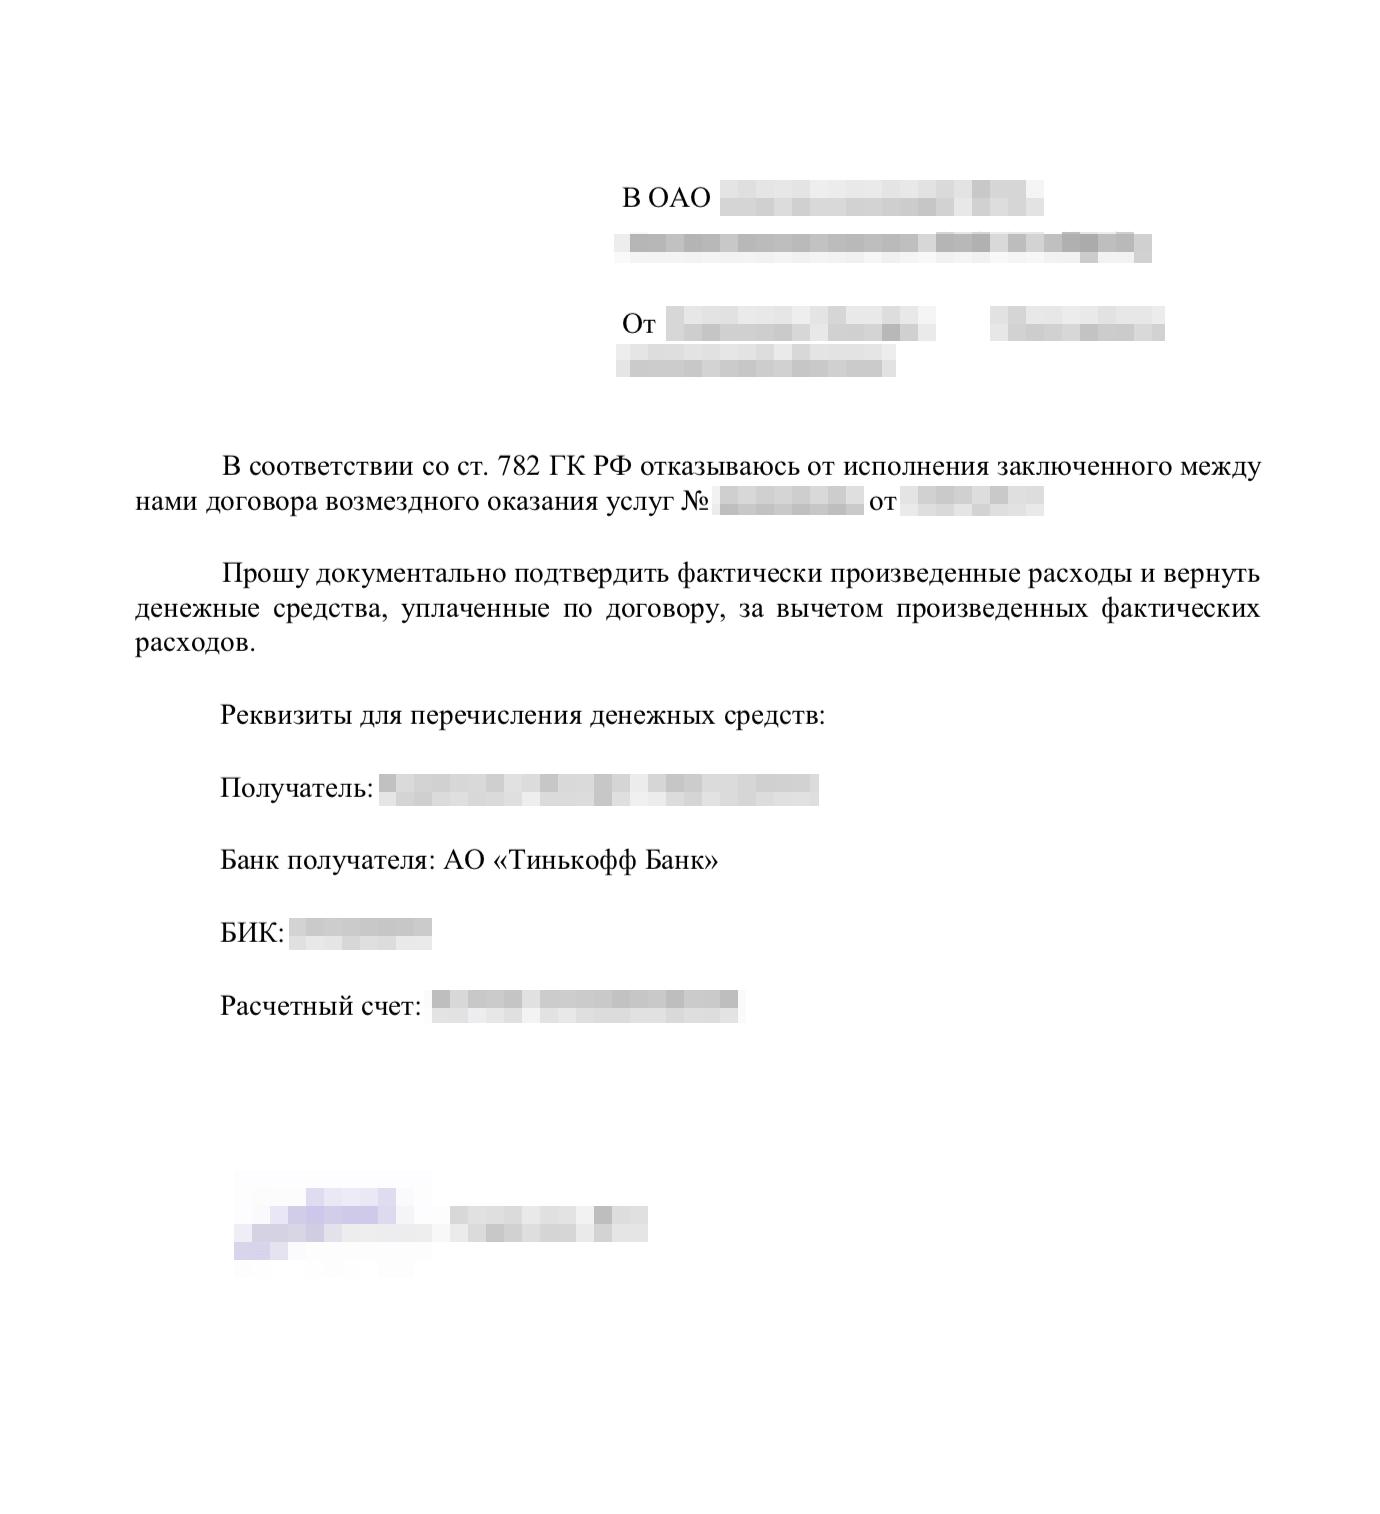 Письмо застройщику о расторжении договора